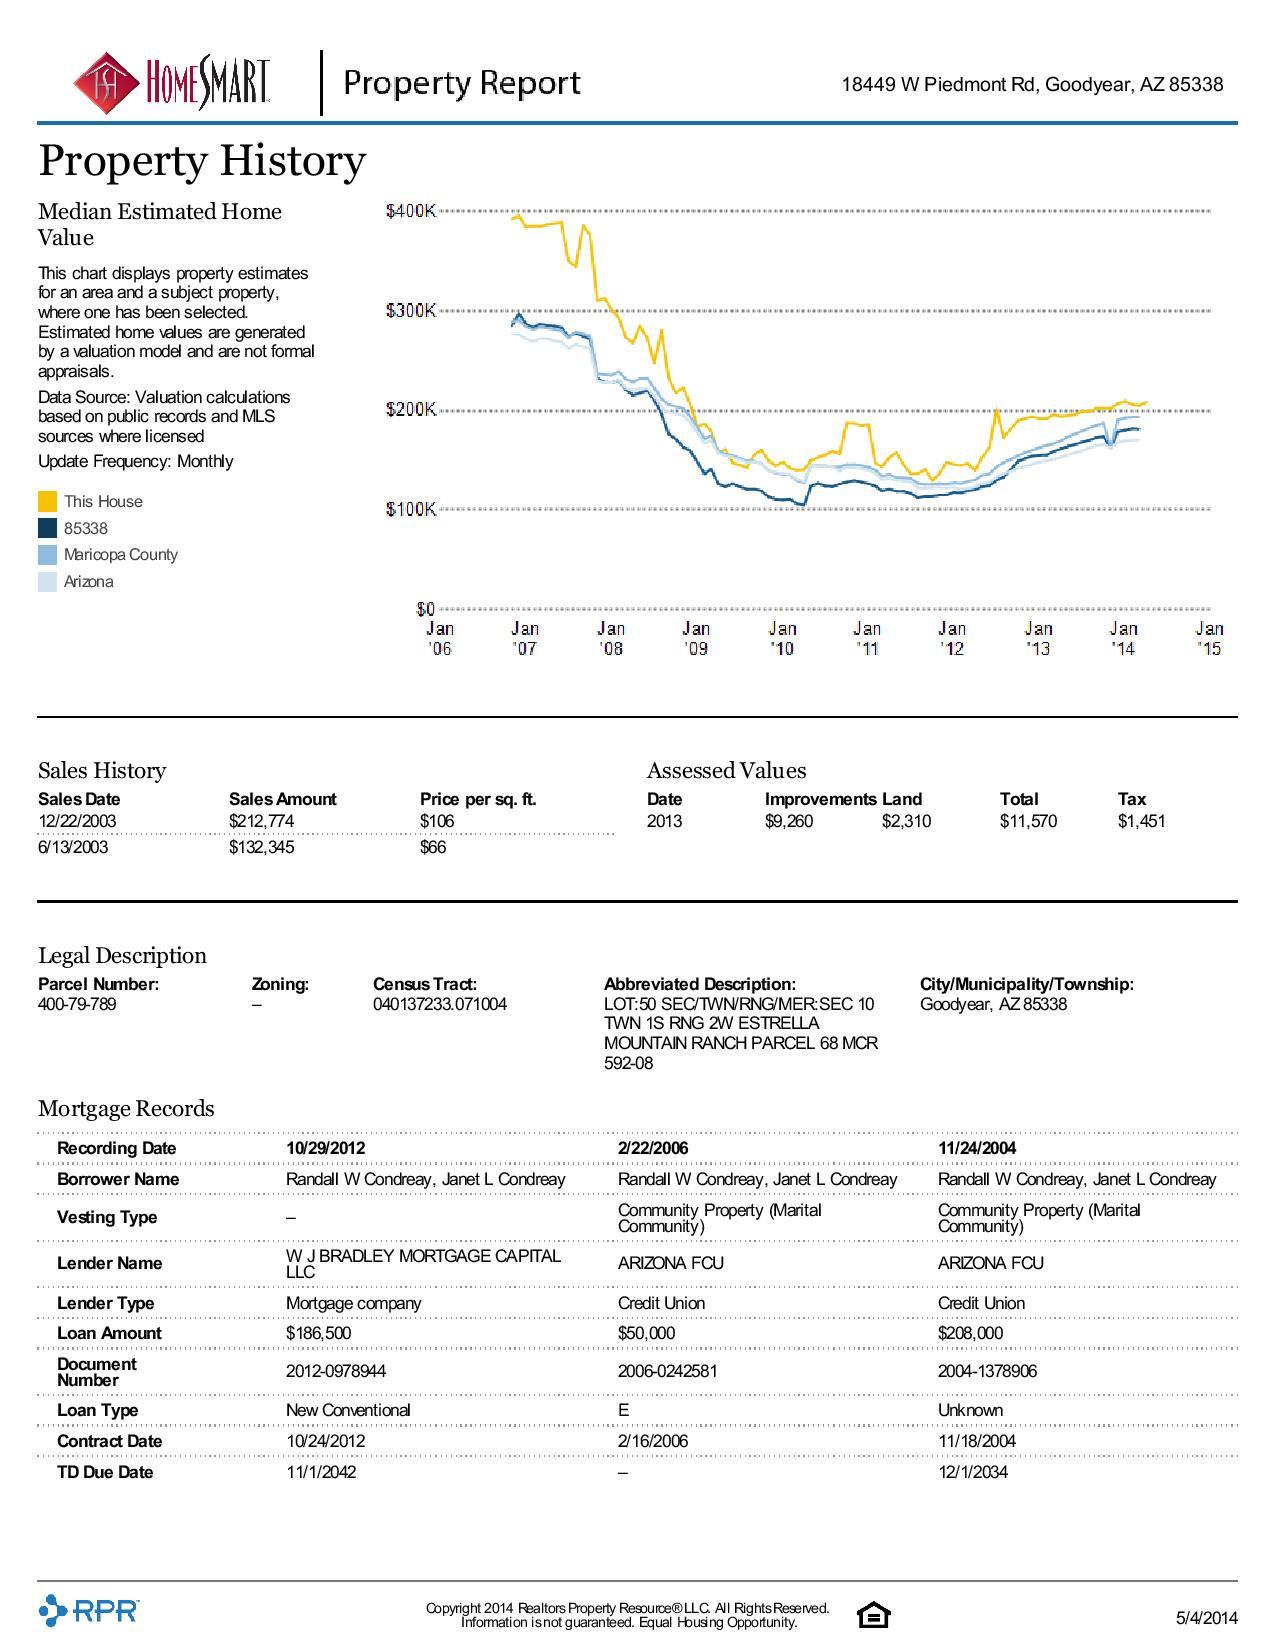 18449-W-Piedmont-Rd-Goodyear-AZ-85338-page-007